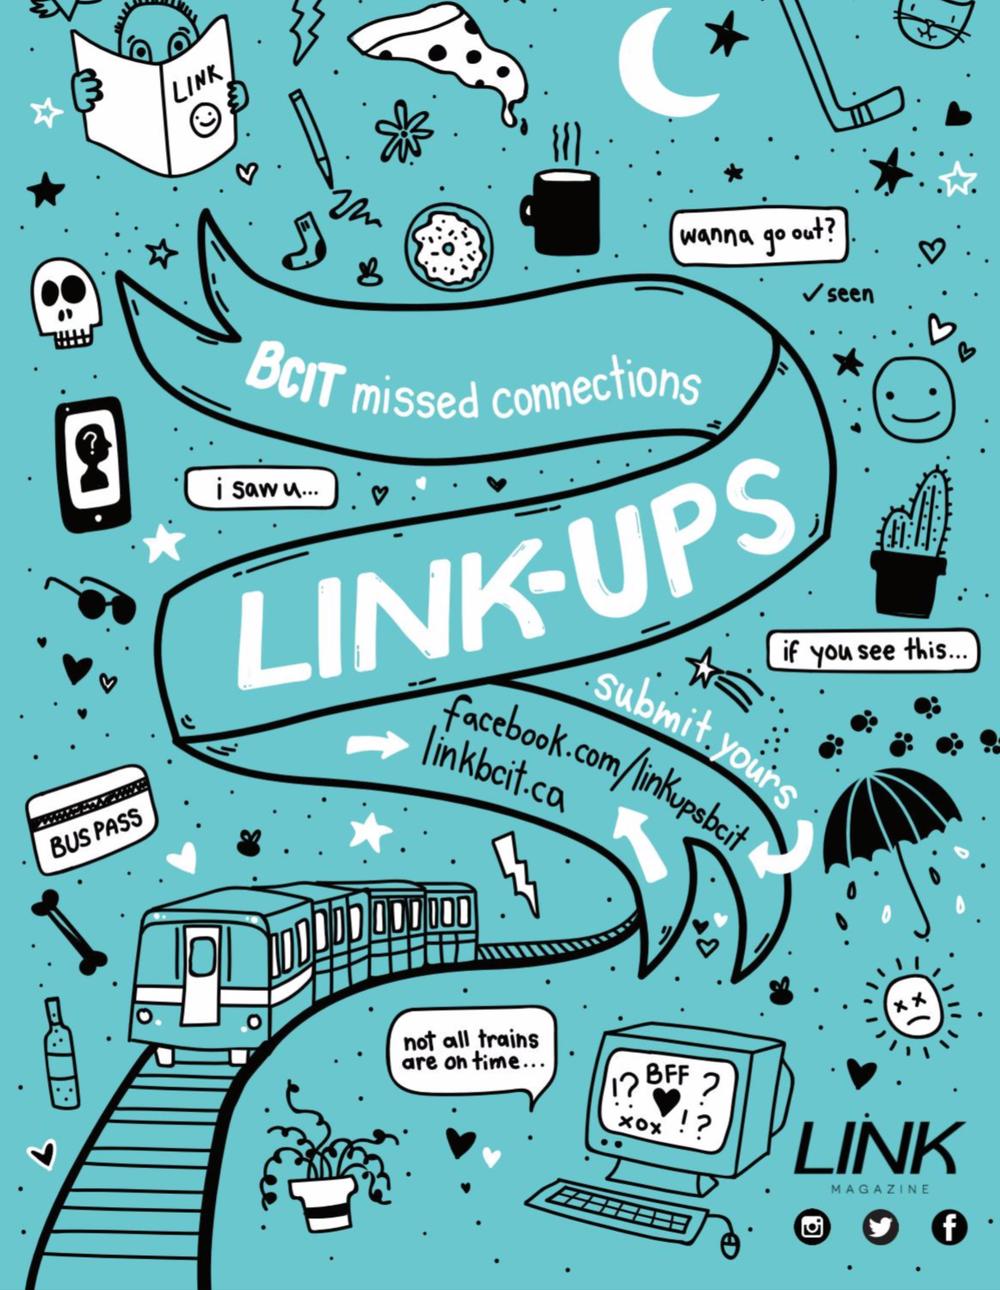 linkups_ad_link.png